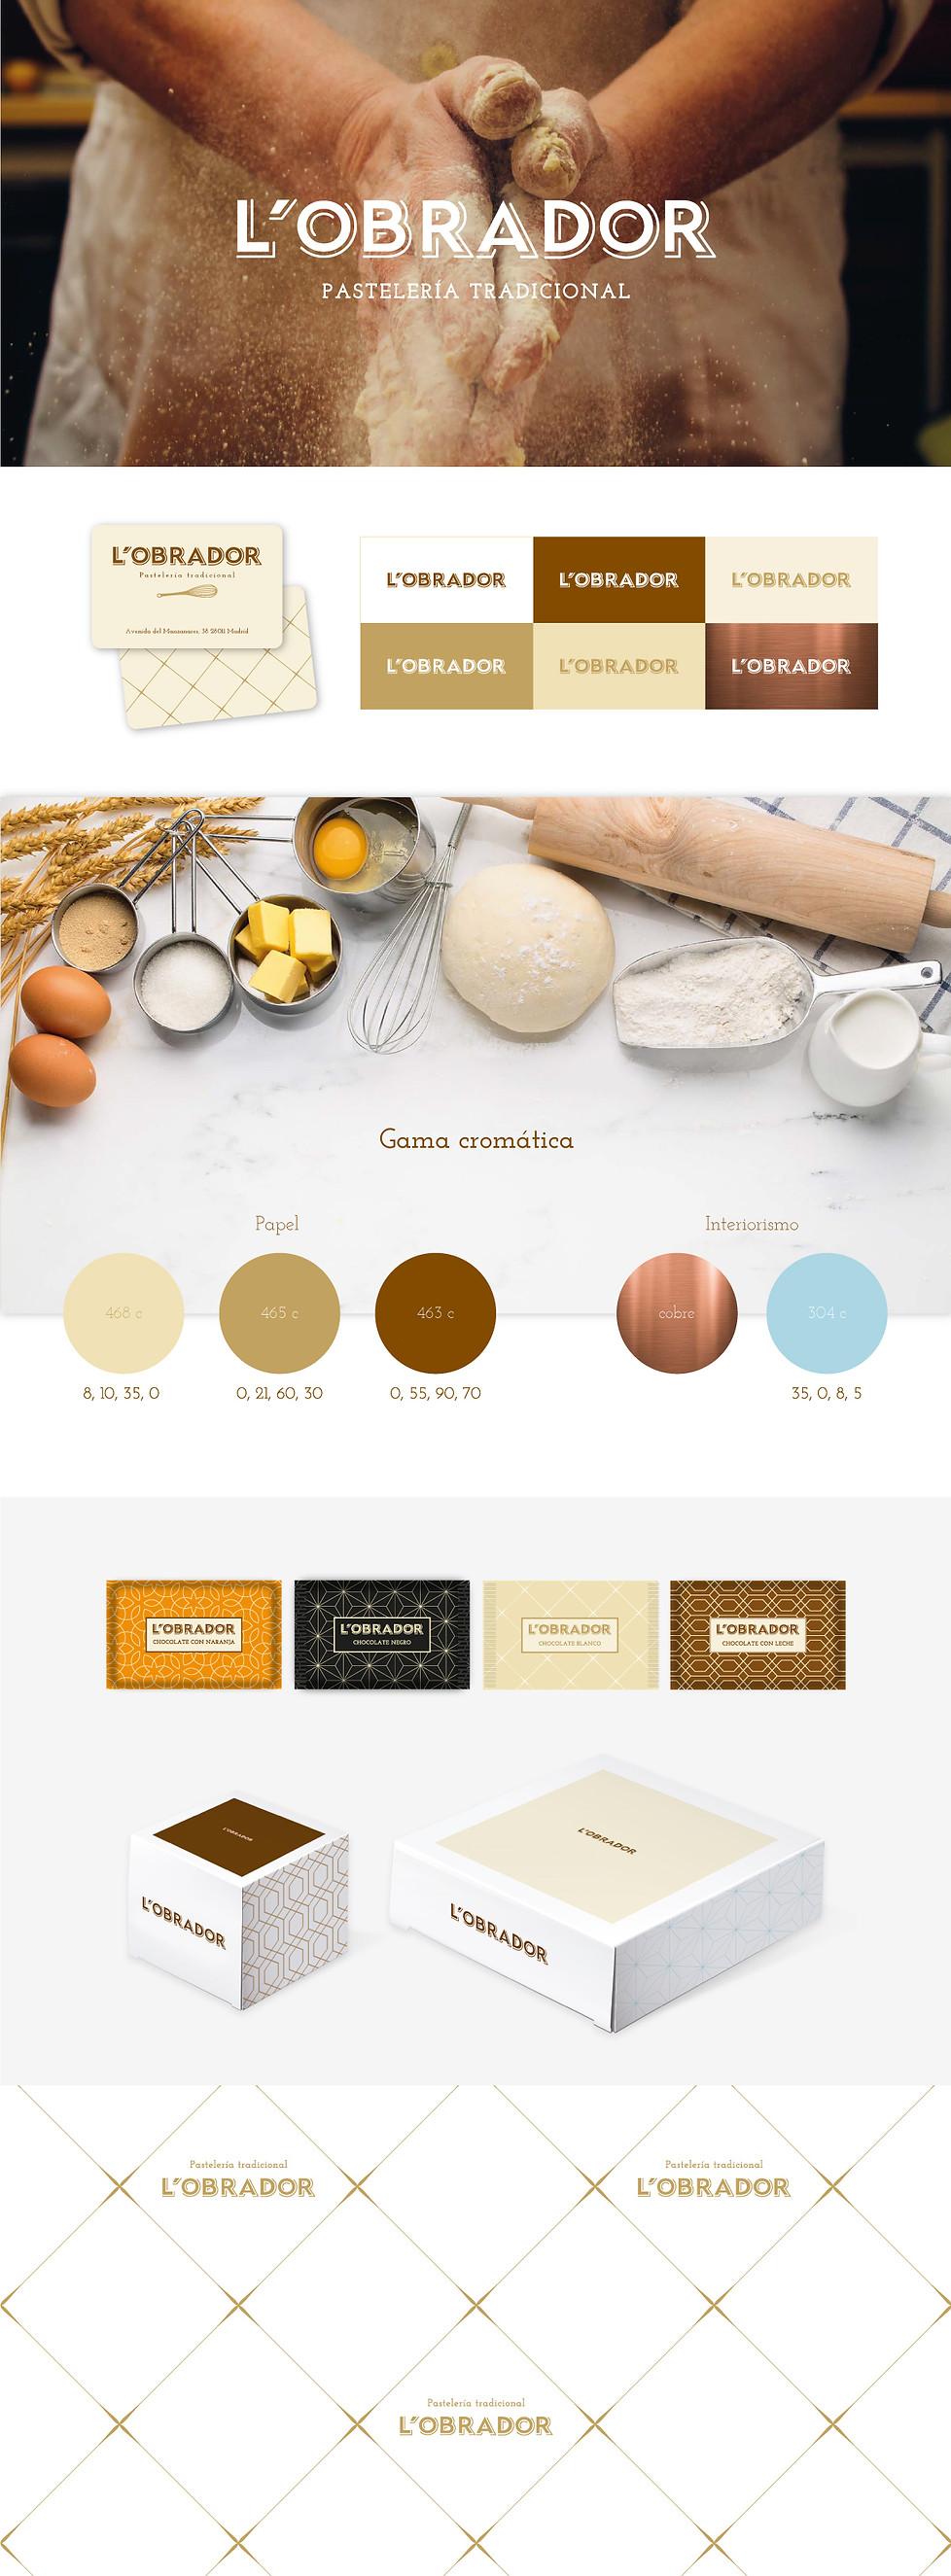 Branding_Lobrador_pasteleria.jpg